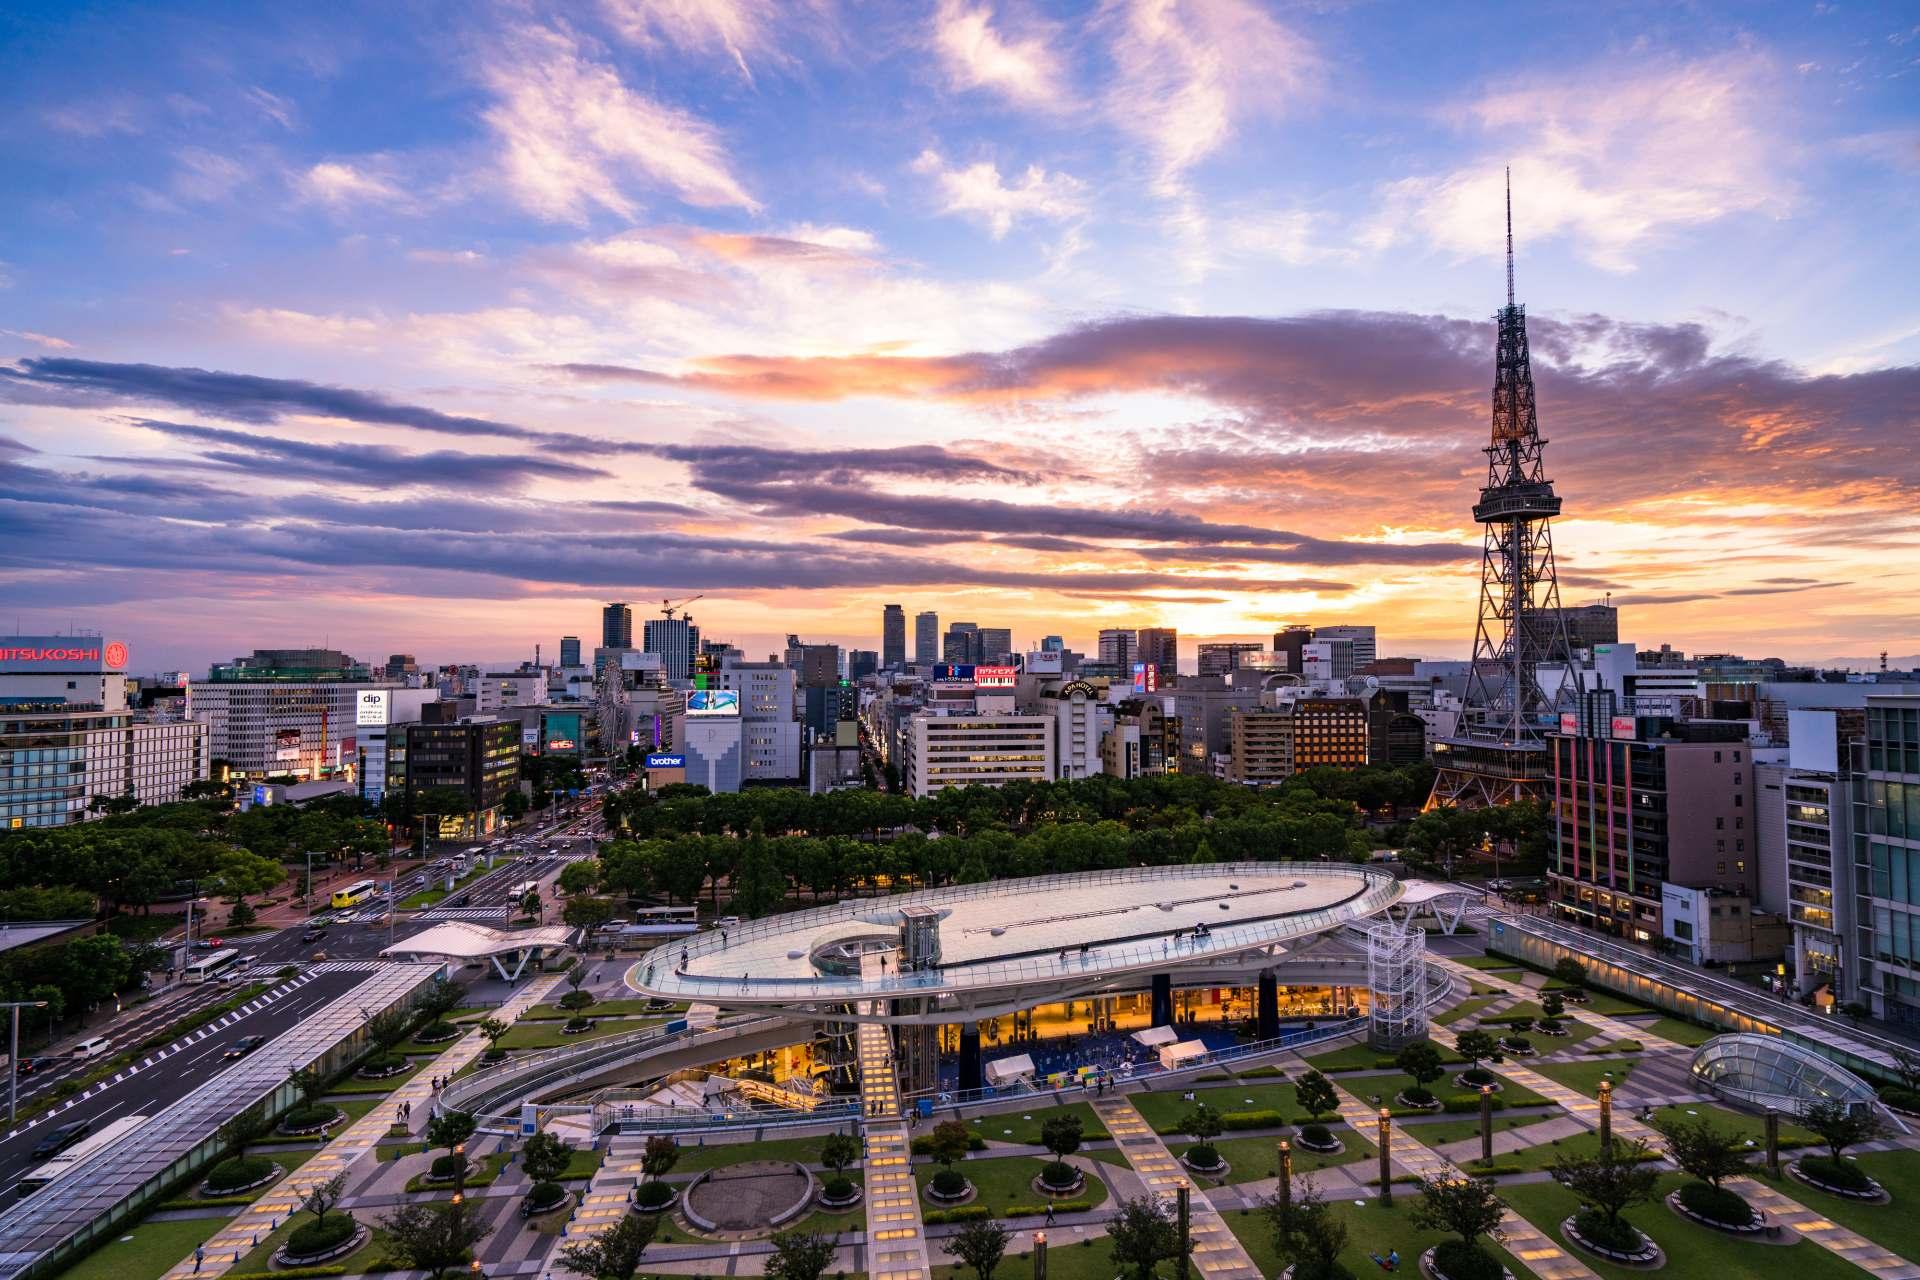 电视塔与宇宙船交相辉映的名古屋美景